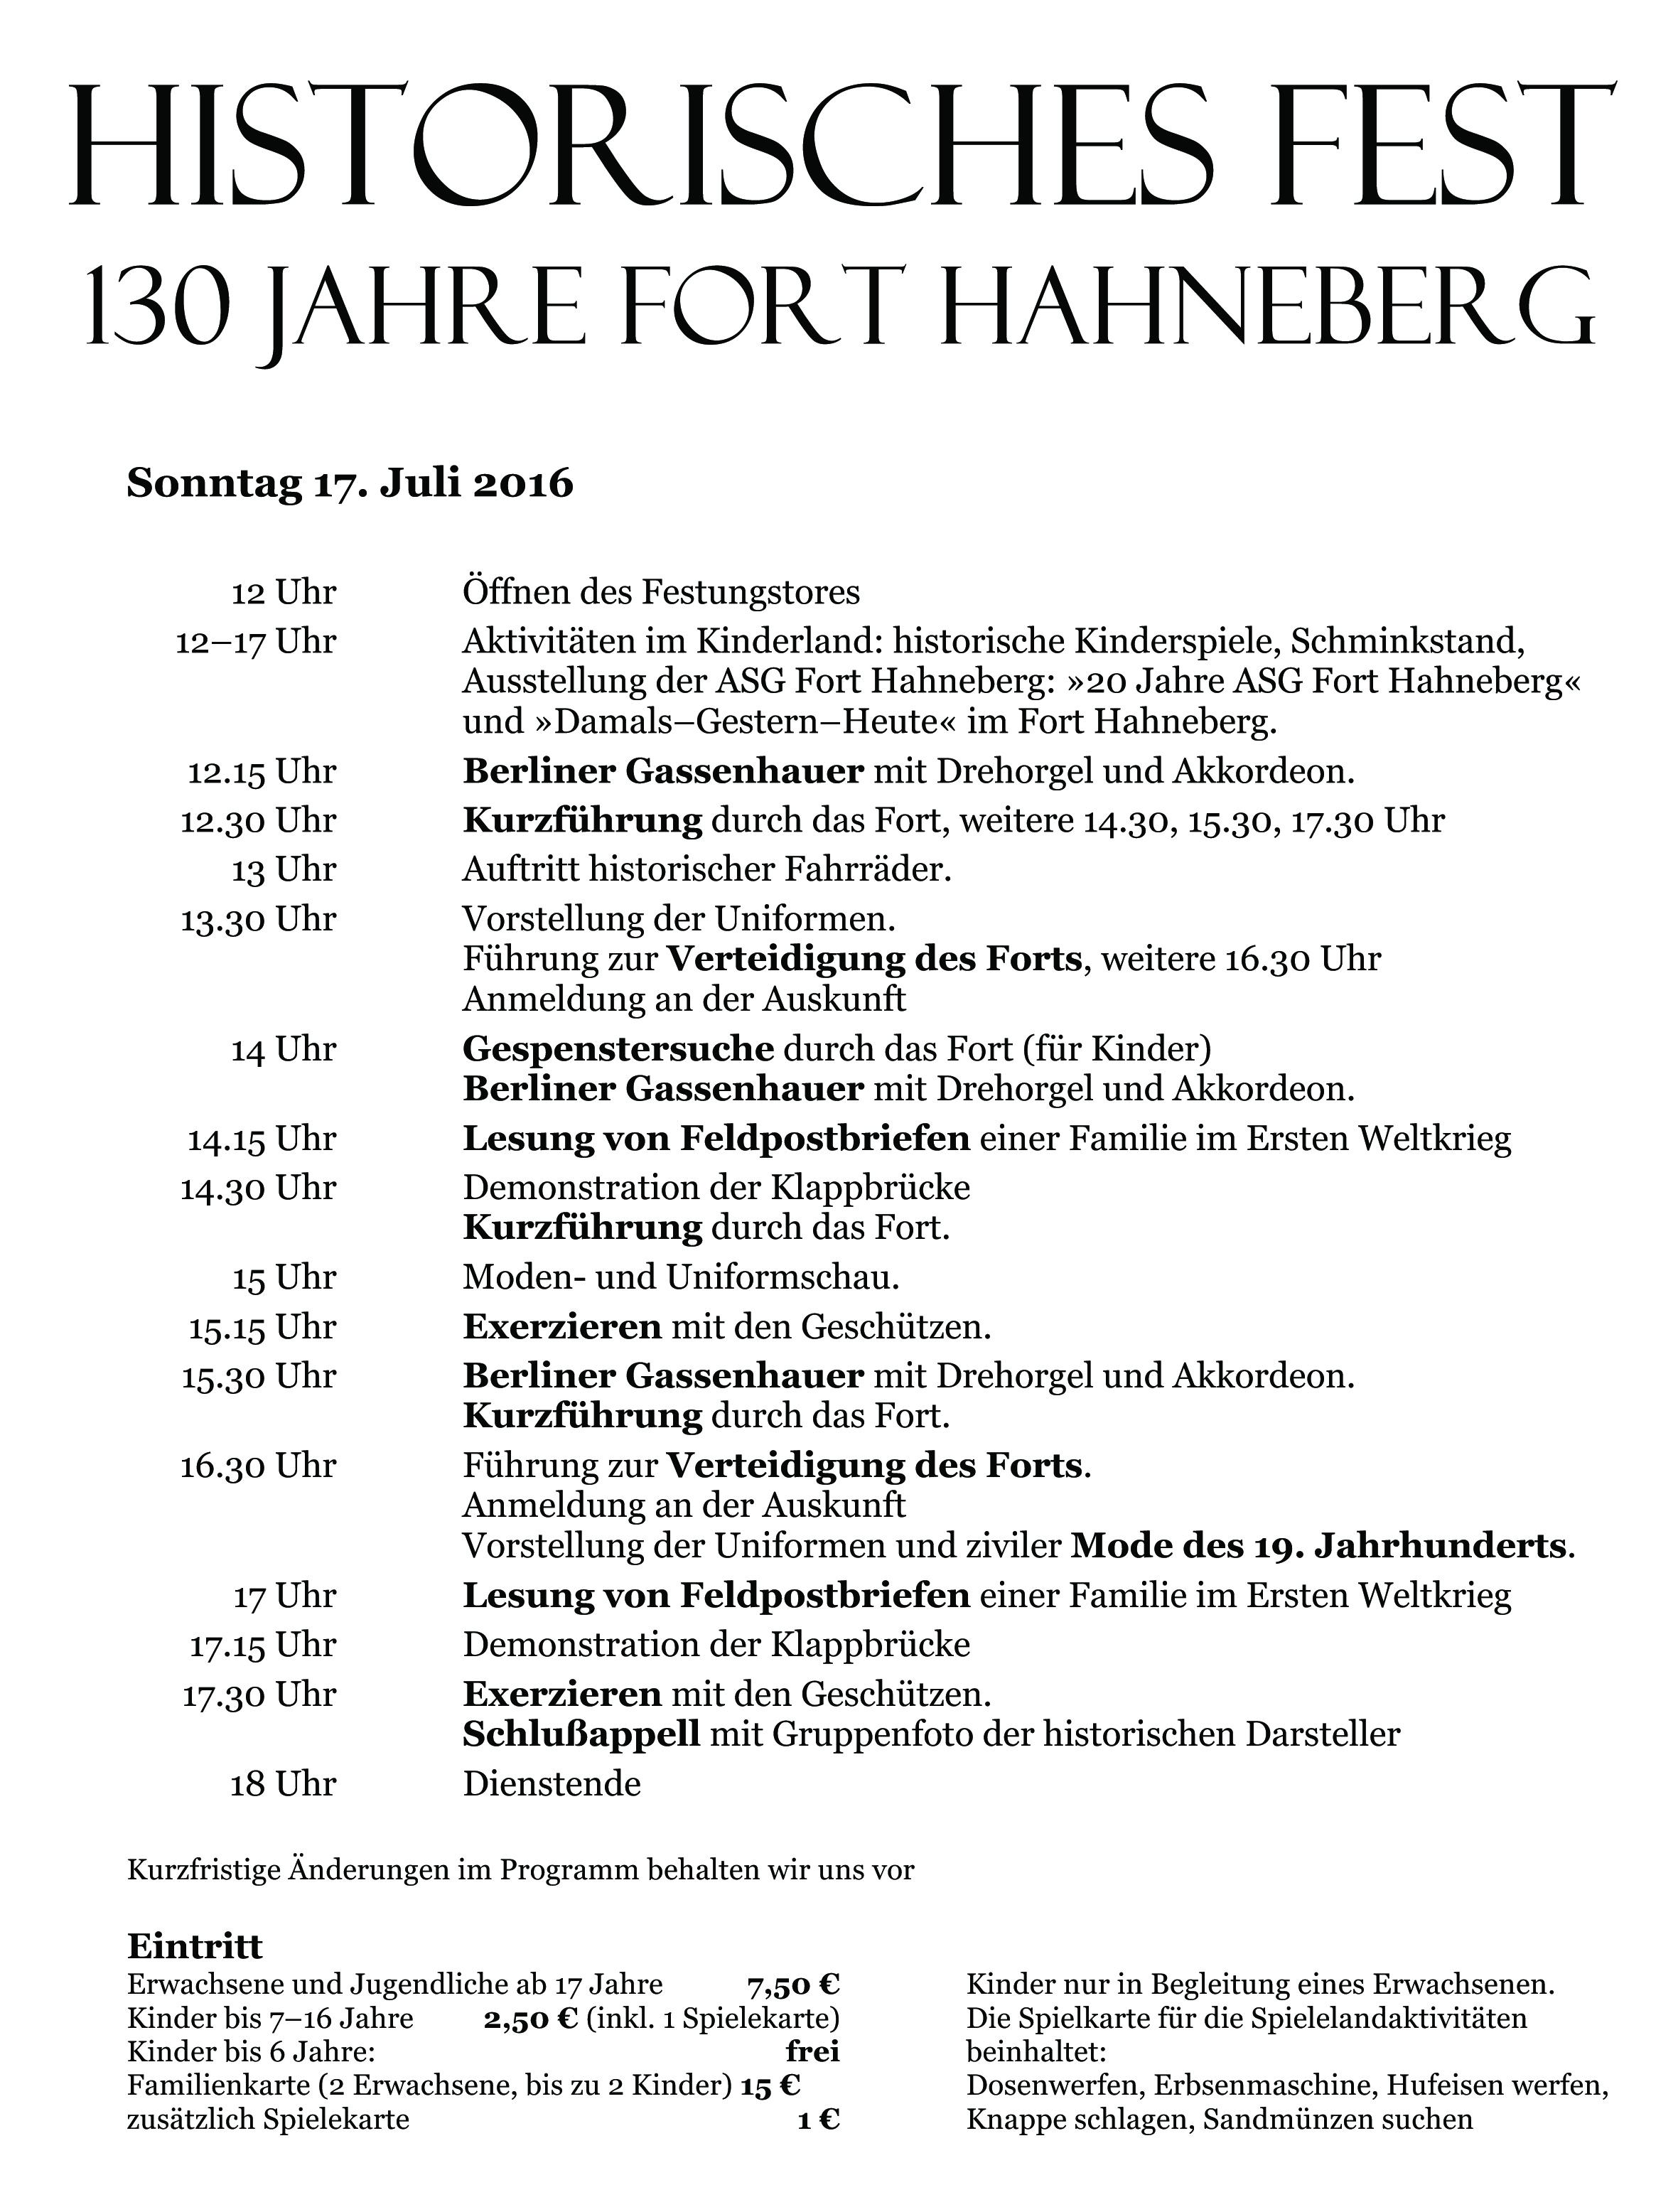 Plan-HistorischesFest2016-Sonntag Kopie